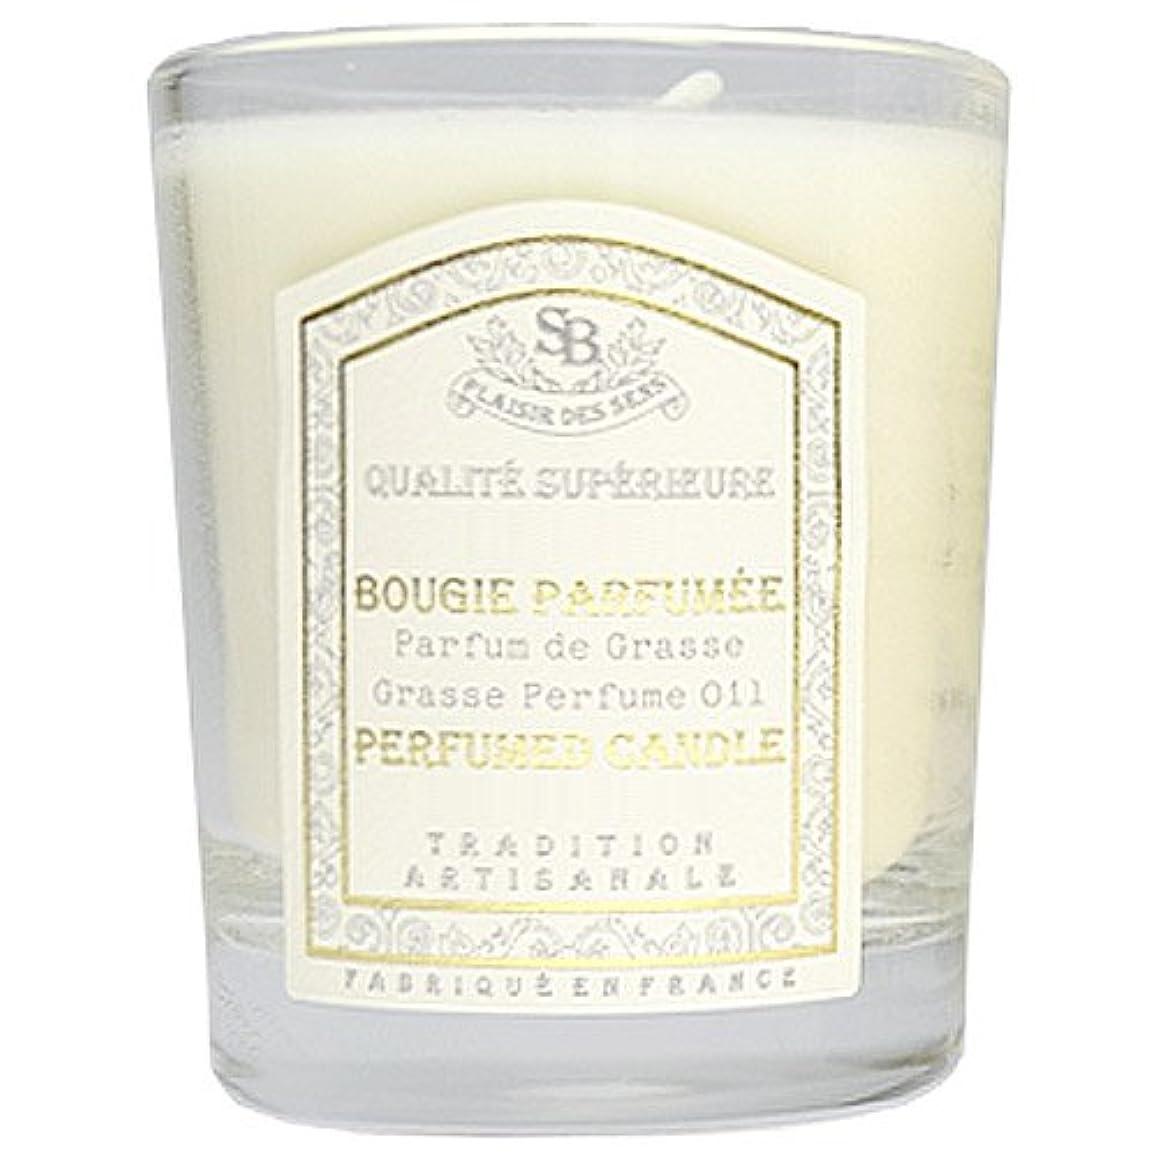 サリー曲げるスリラーSenteur et Beaute(サンタールエボーテ) フレンチクラシックシリーズ グラスキャンドル 90g 「リリーガーデニア」 4994228022004